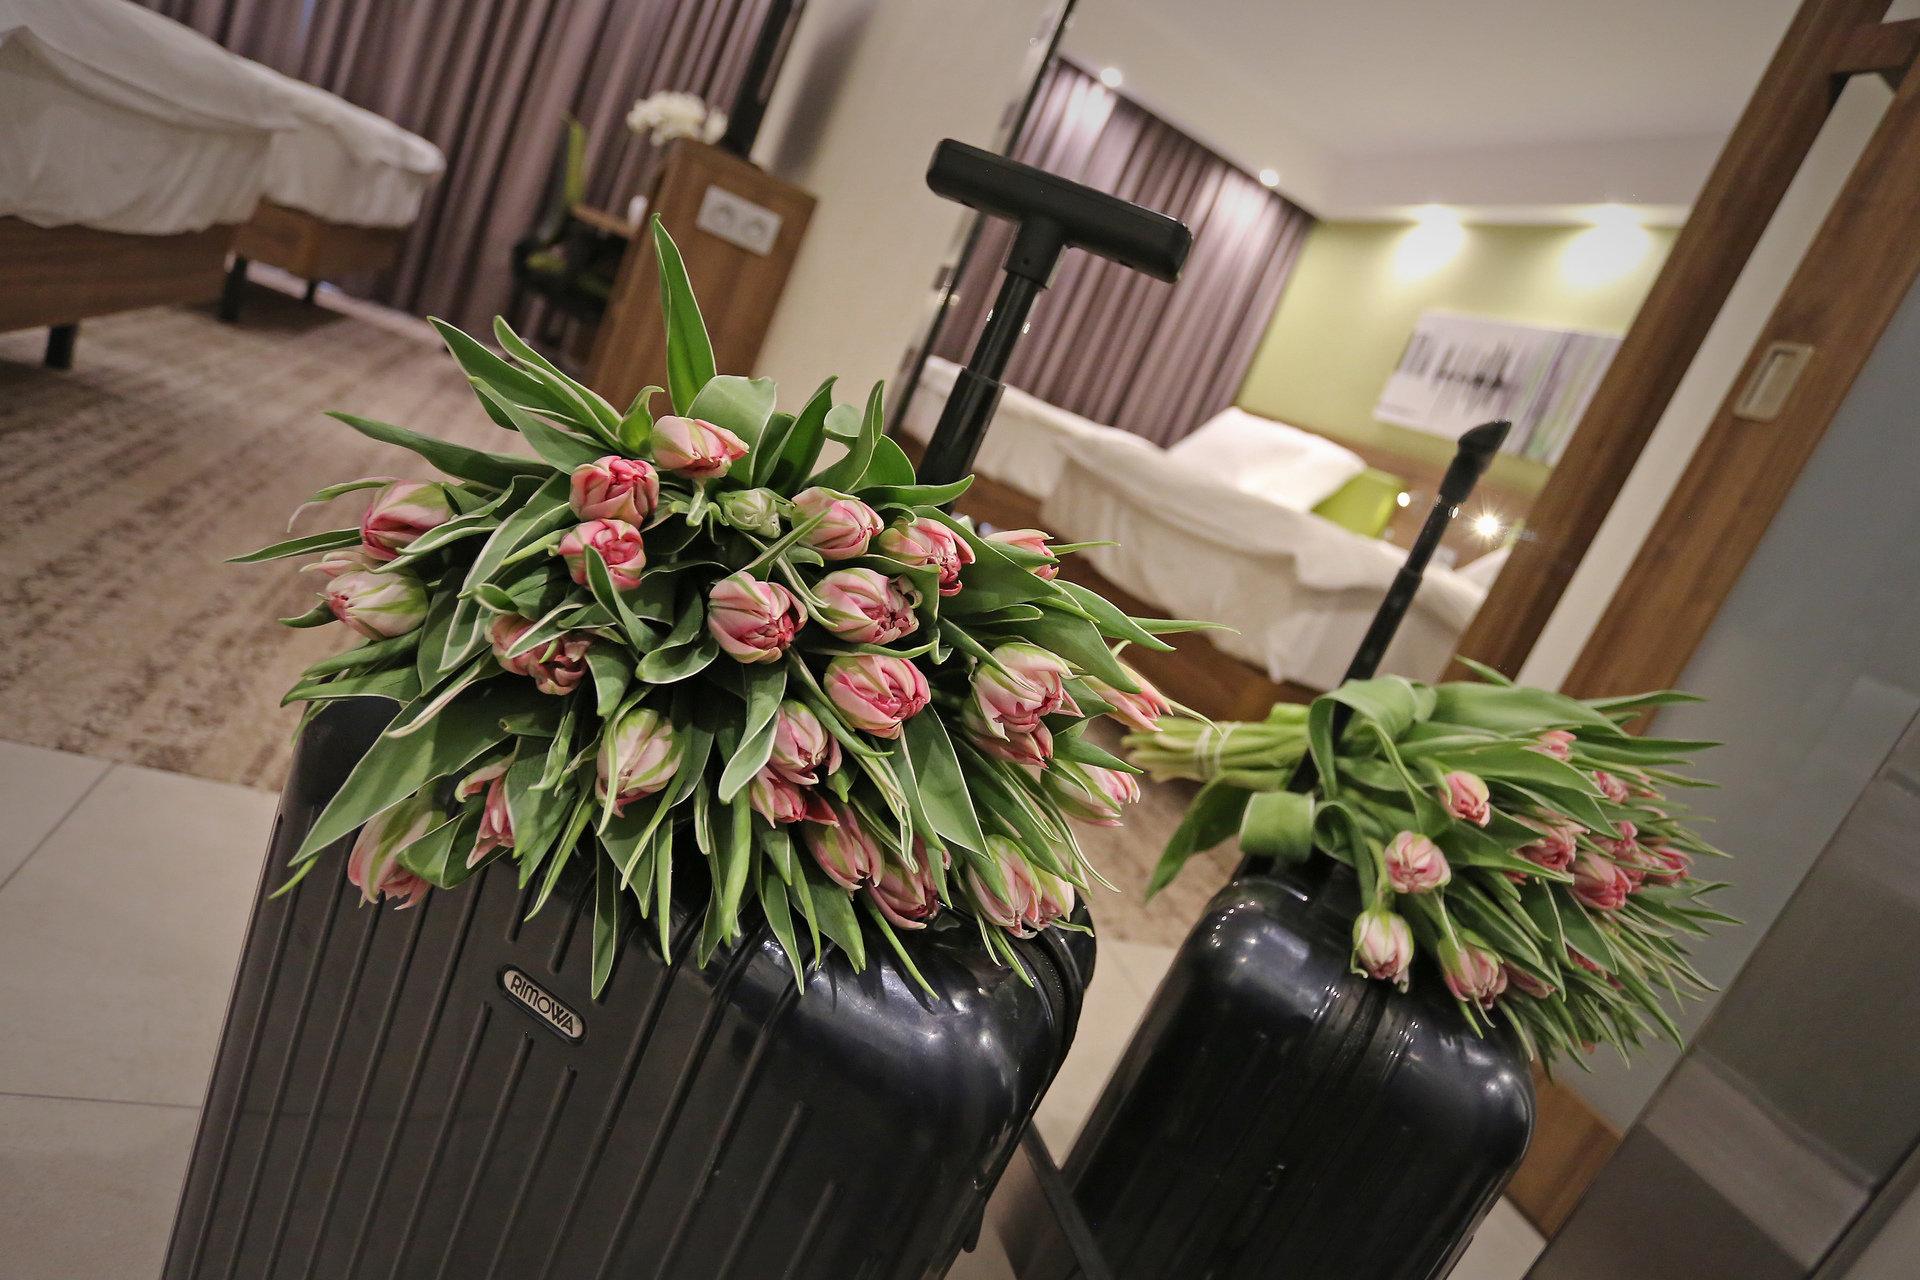 Hampton by Hilton Kalisz na ostatniej prostej - trwa montaż mebli w pokojach hotelowych